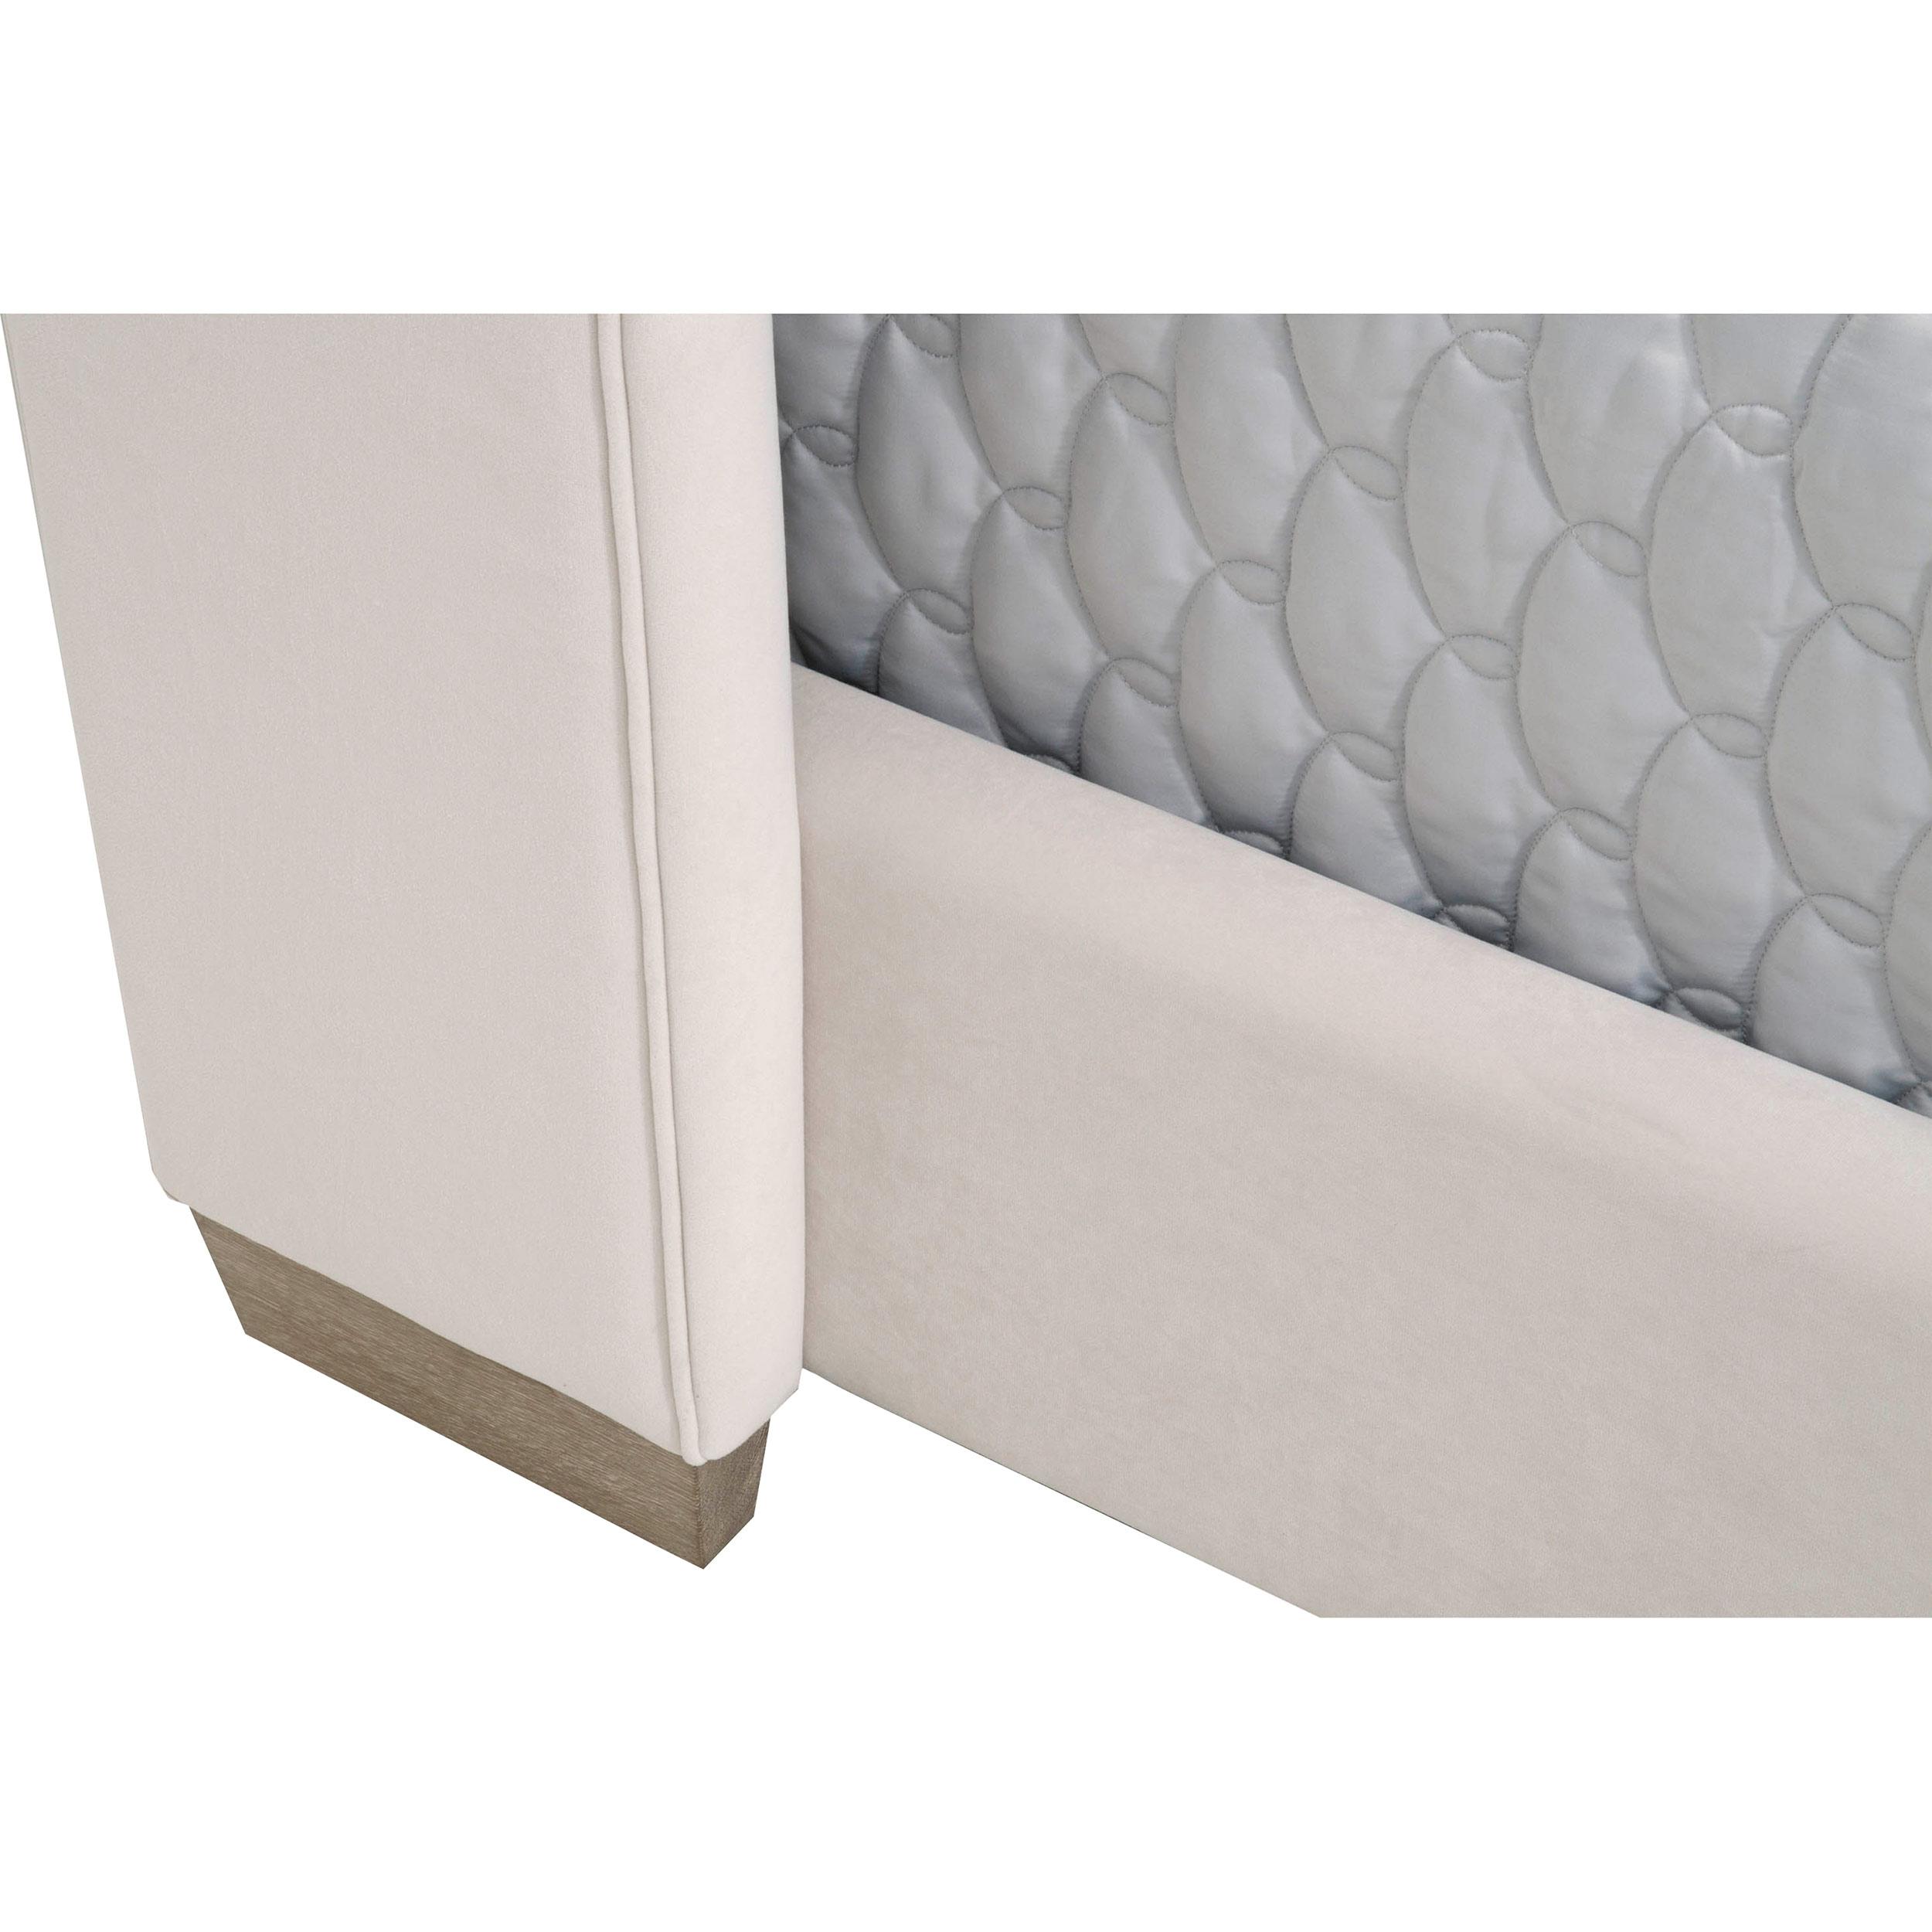 Charo Modern Cream Velvet Upholstered Oak Vertical Channel Wing Bed - Cal King